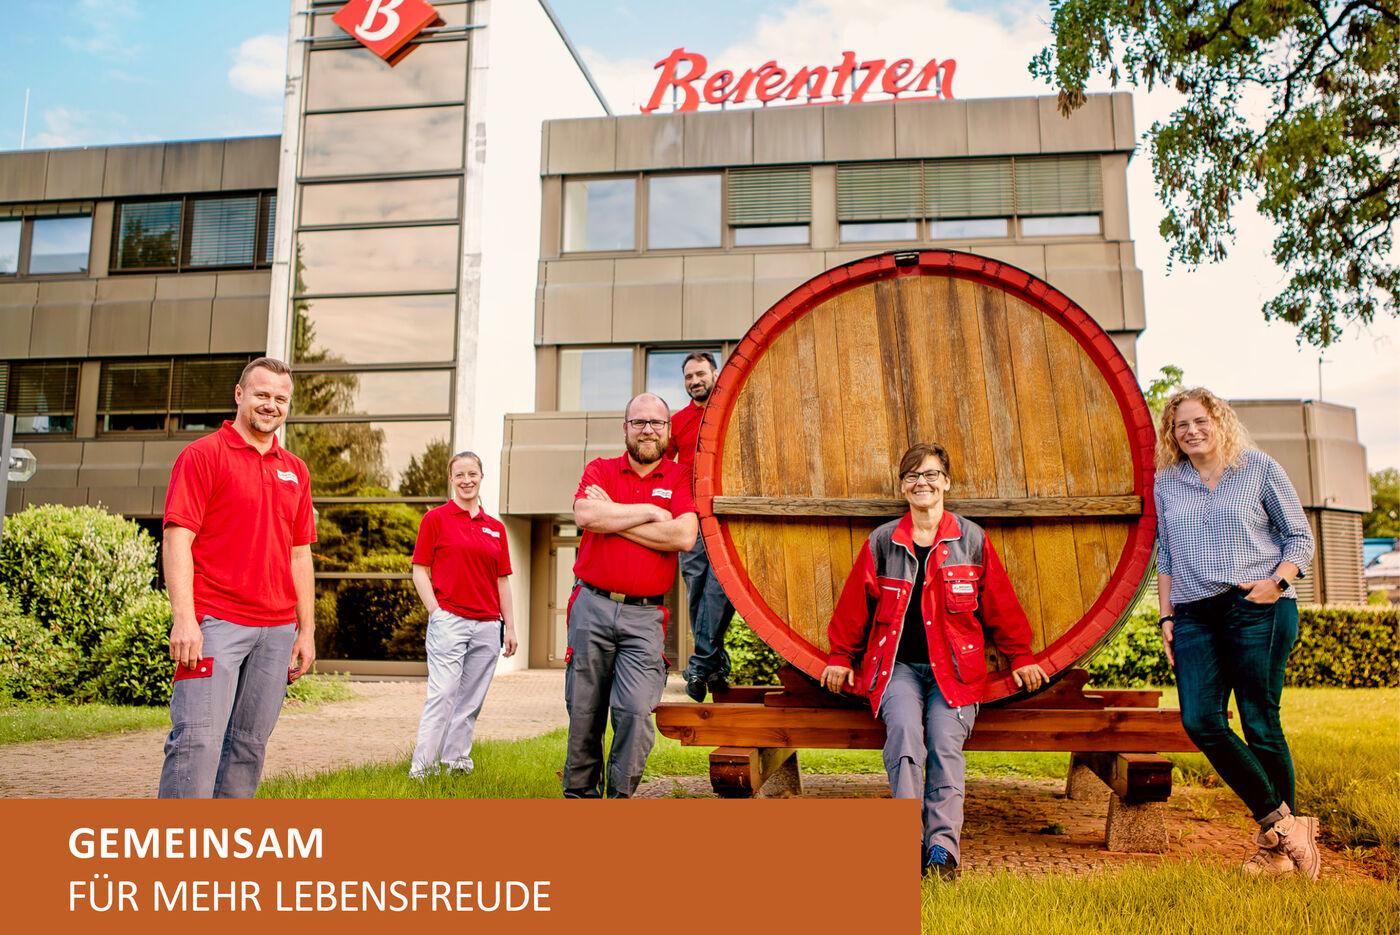 Sachbearbeiter Einkauf (w/m/d) - Job Minden, Homeoffice - Karriere bei Berentzen